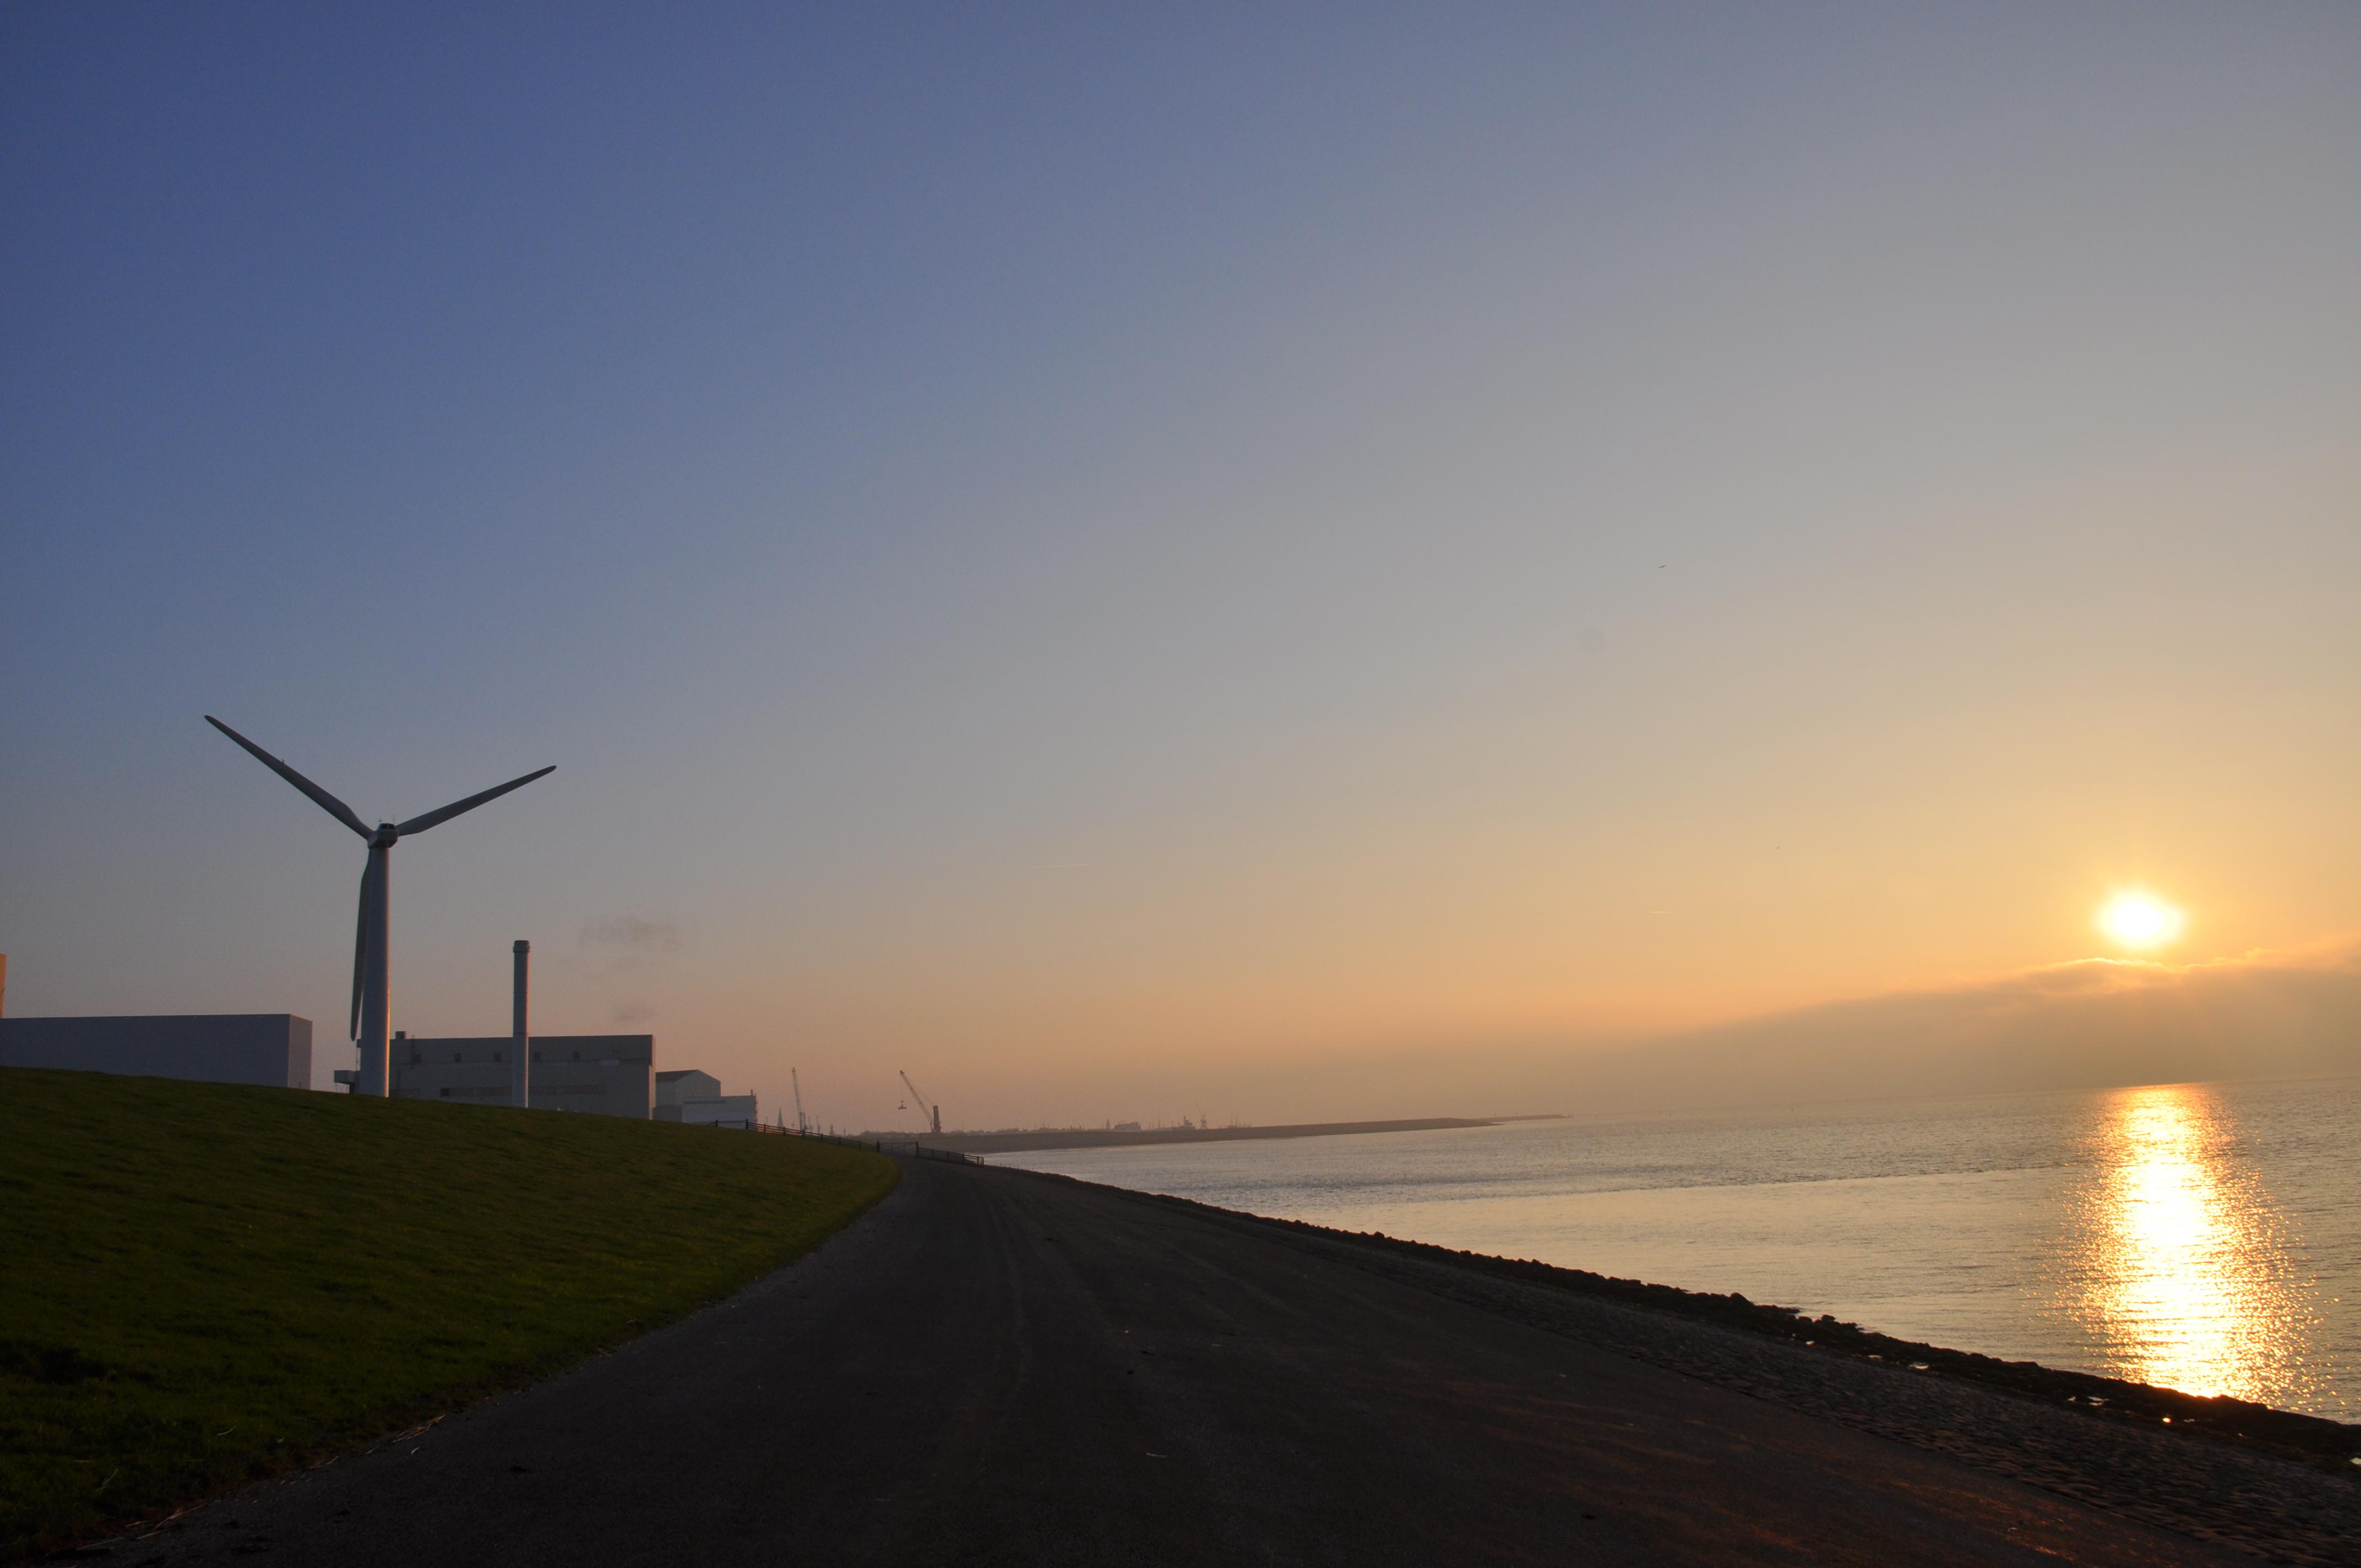 Windpowercentre Harlingen uitzicht waddenzee